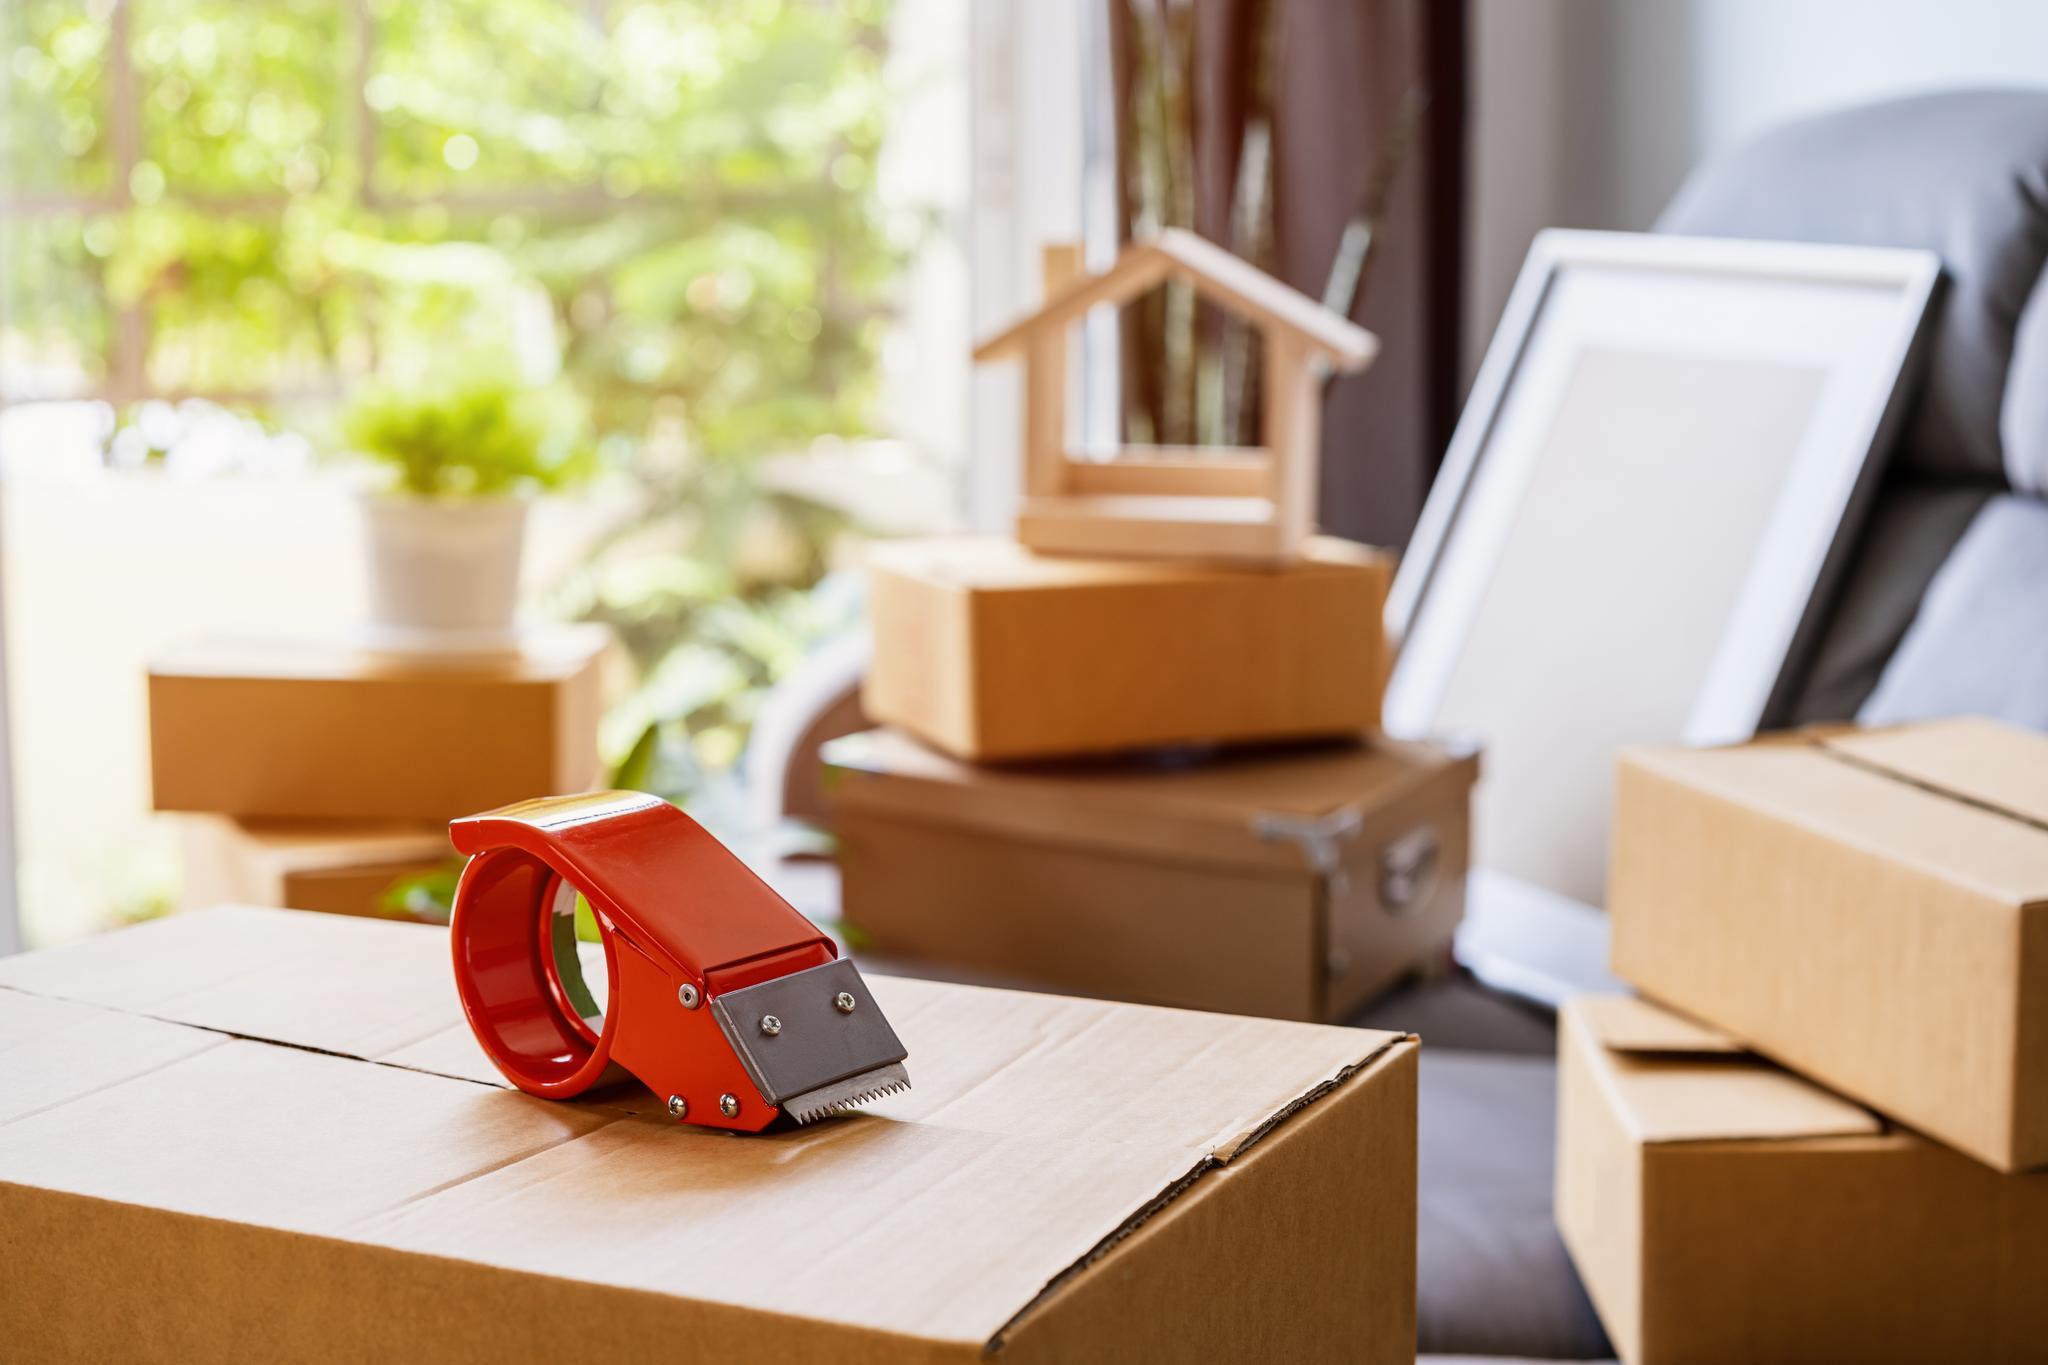 Roter Klebefilmabroller auf Umzugskarton in Wohnzimmer